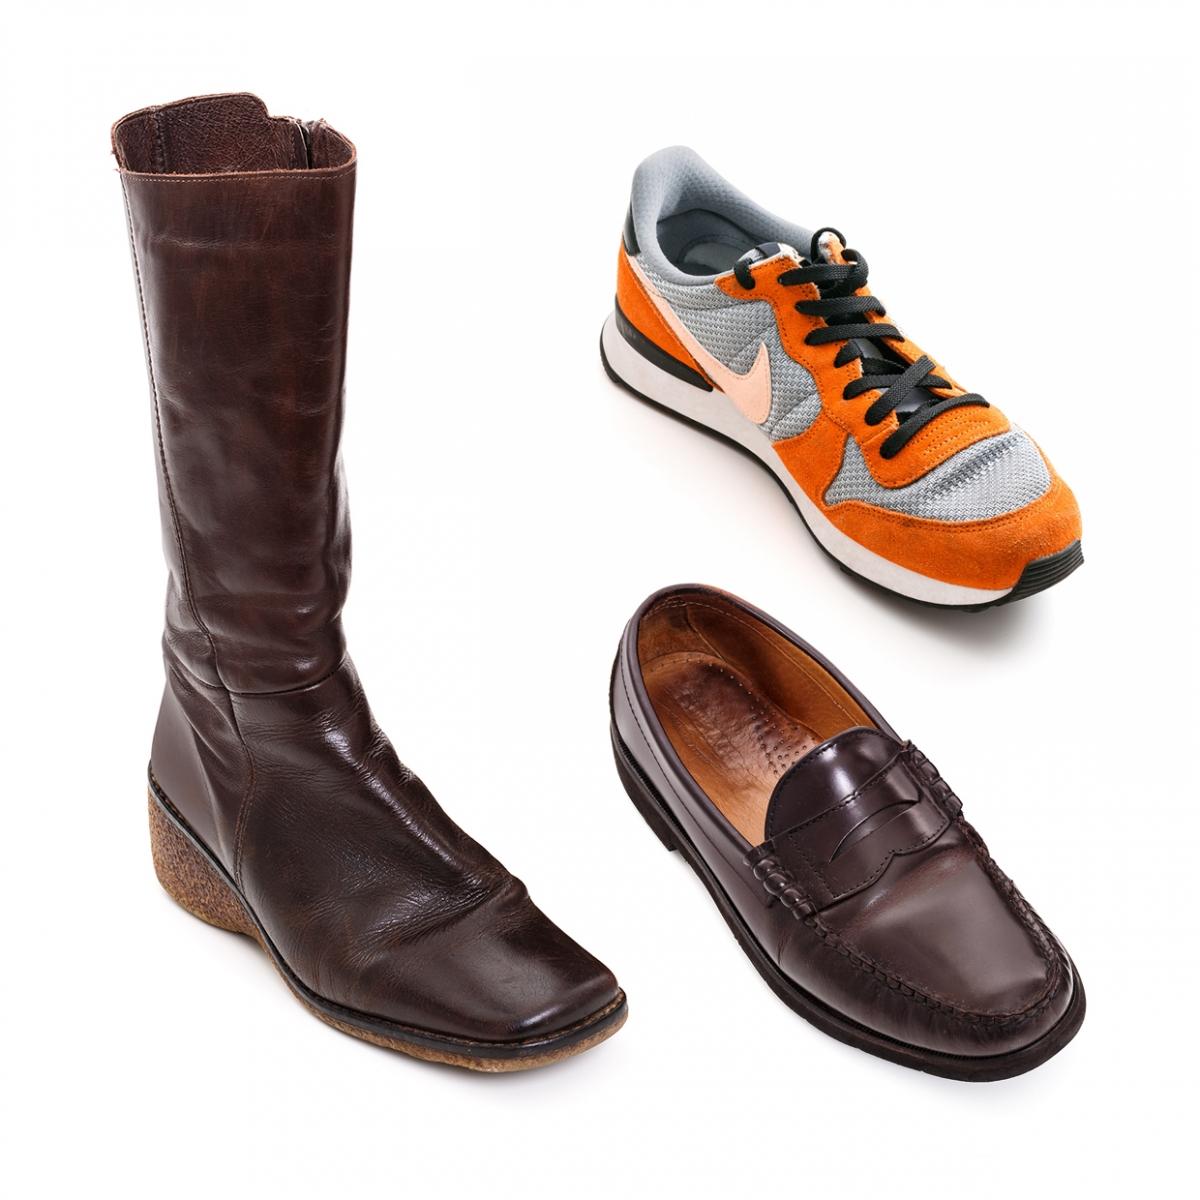 Imagen en la que se ve el concepto genérico de calzado